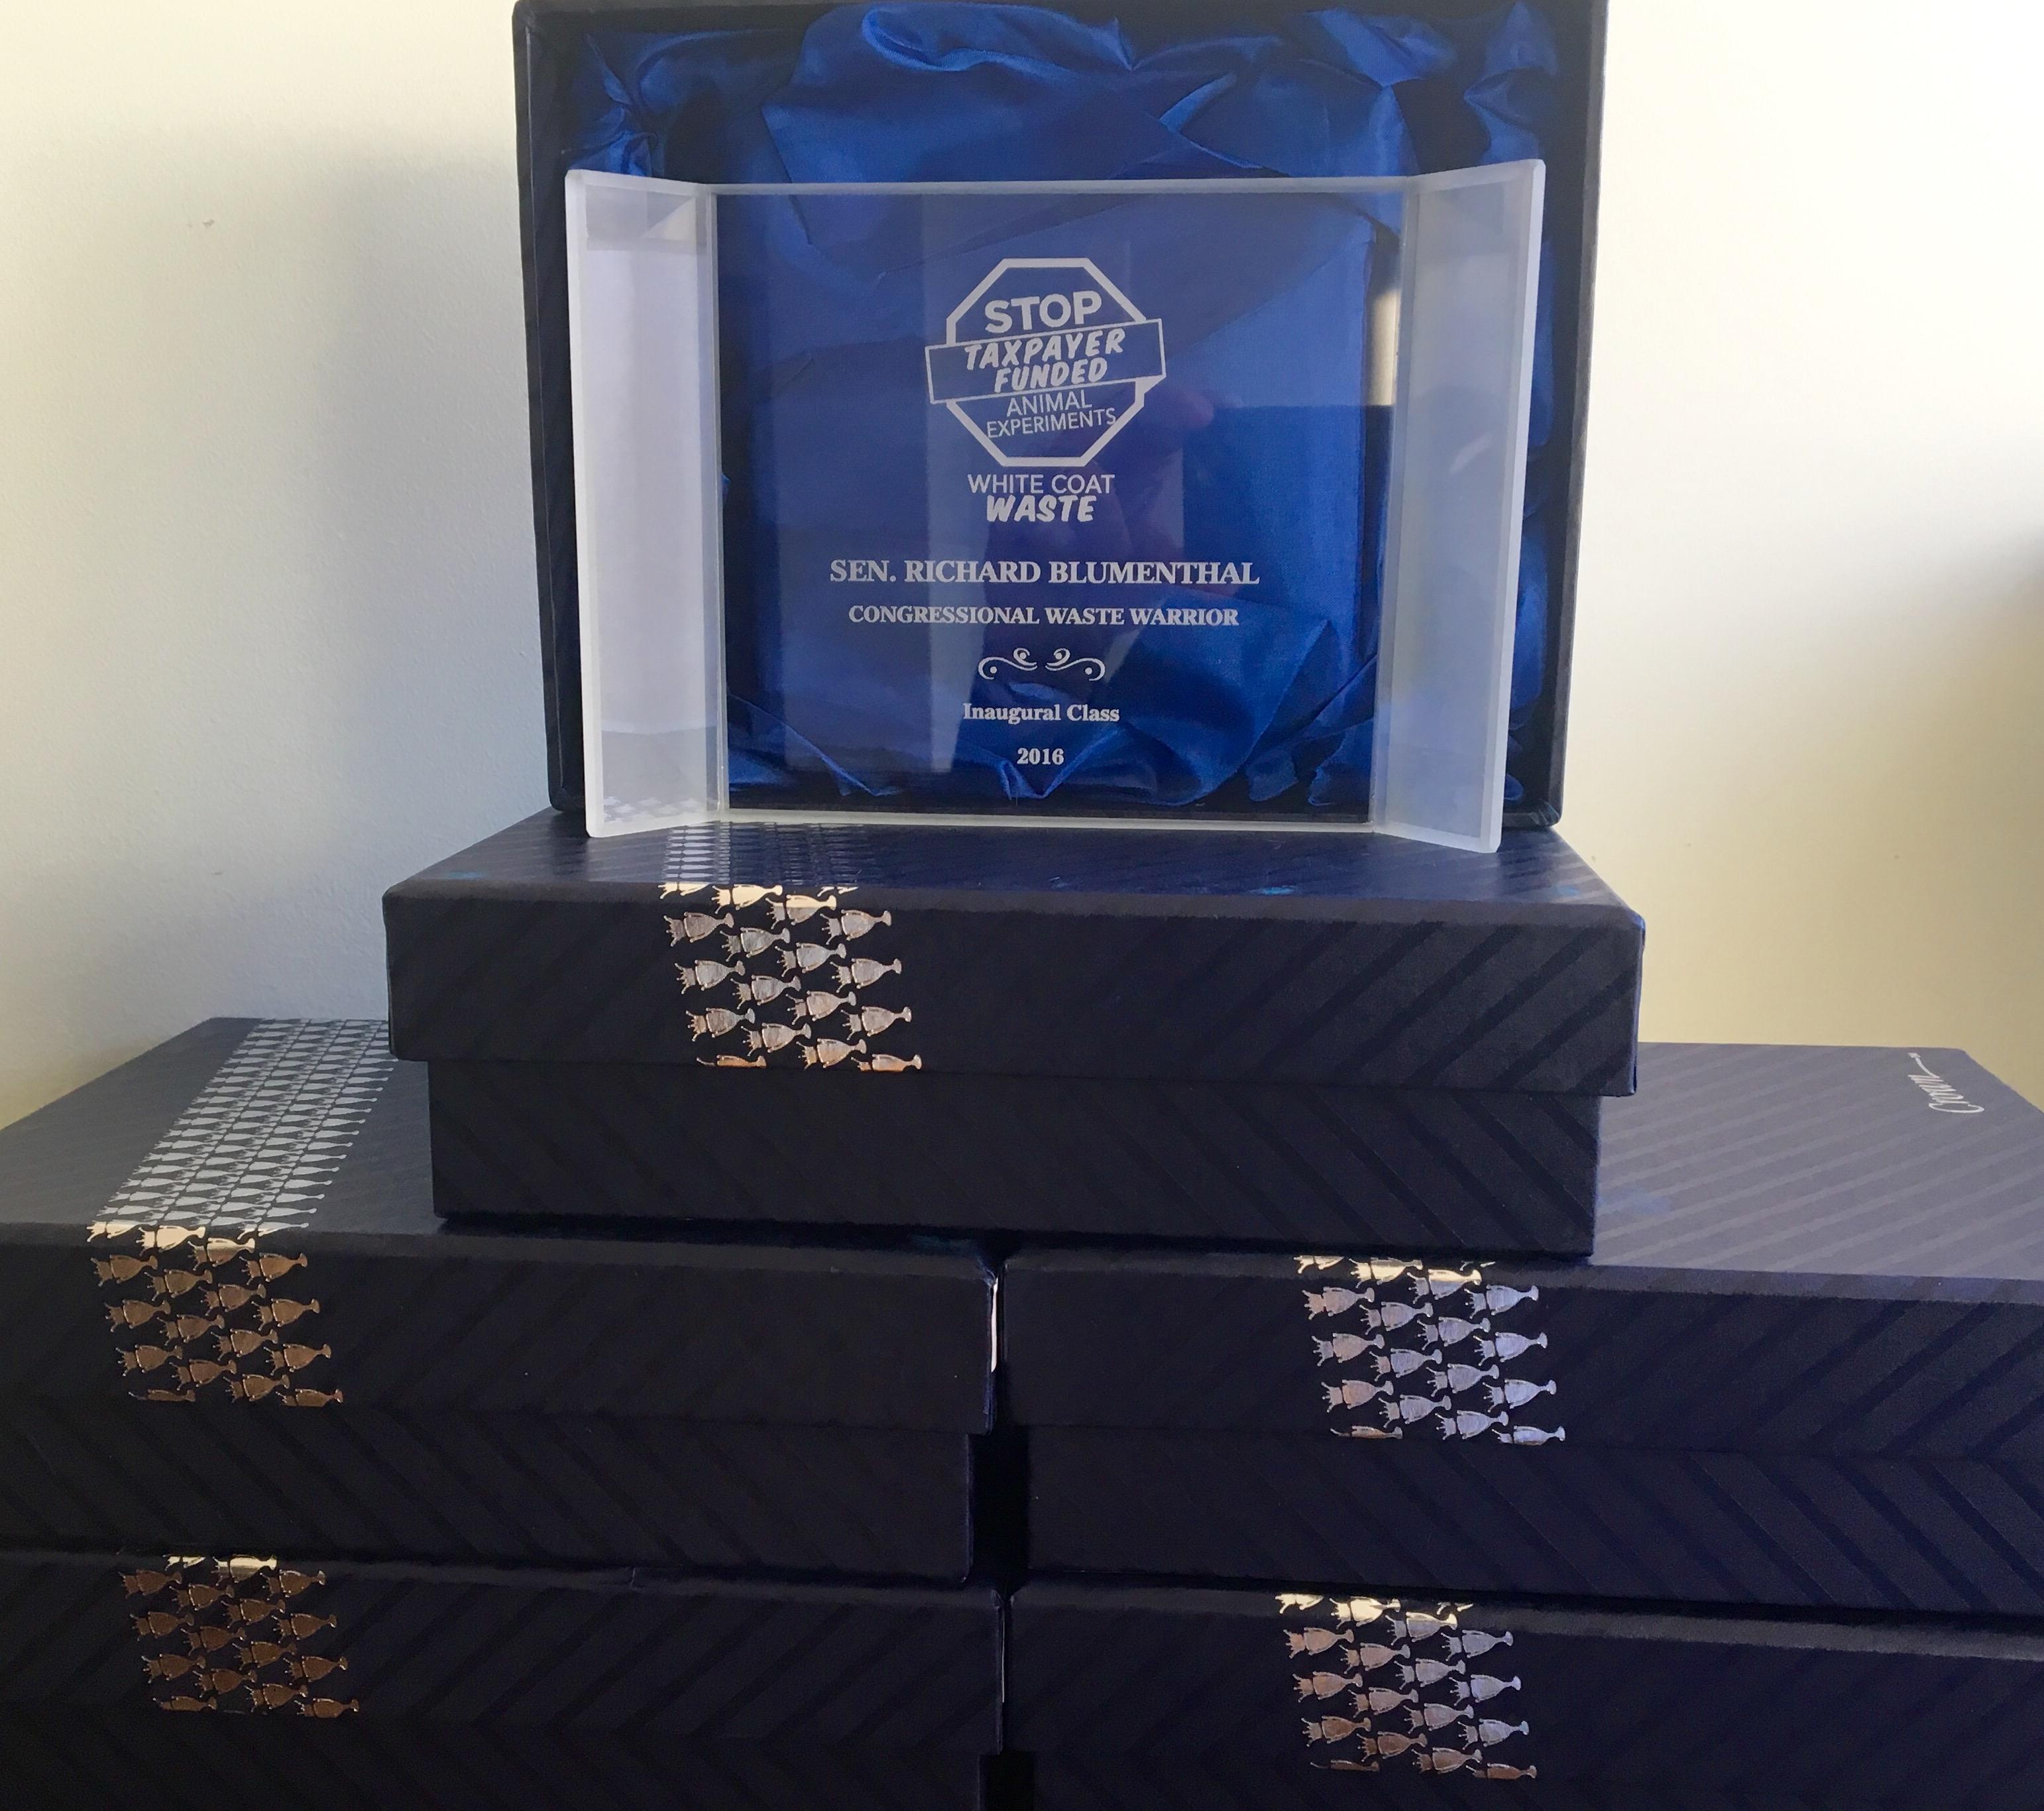 WCW 2016 awards